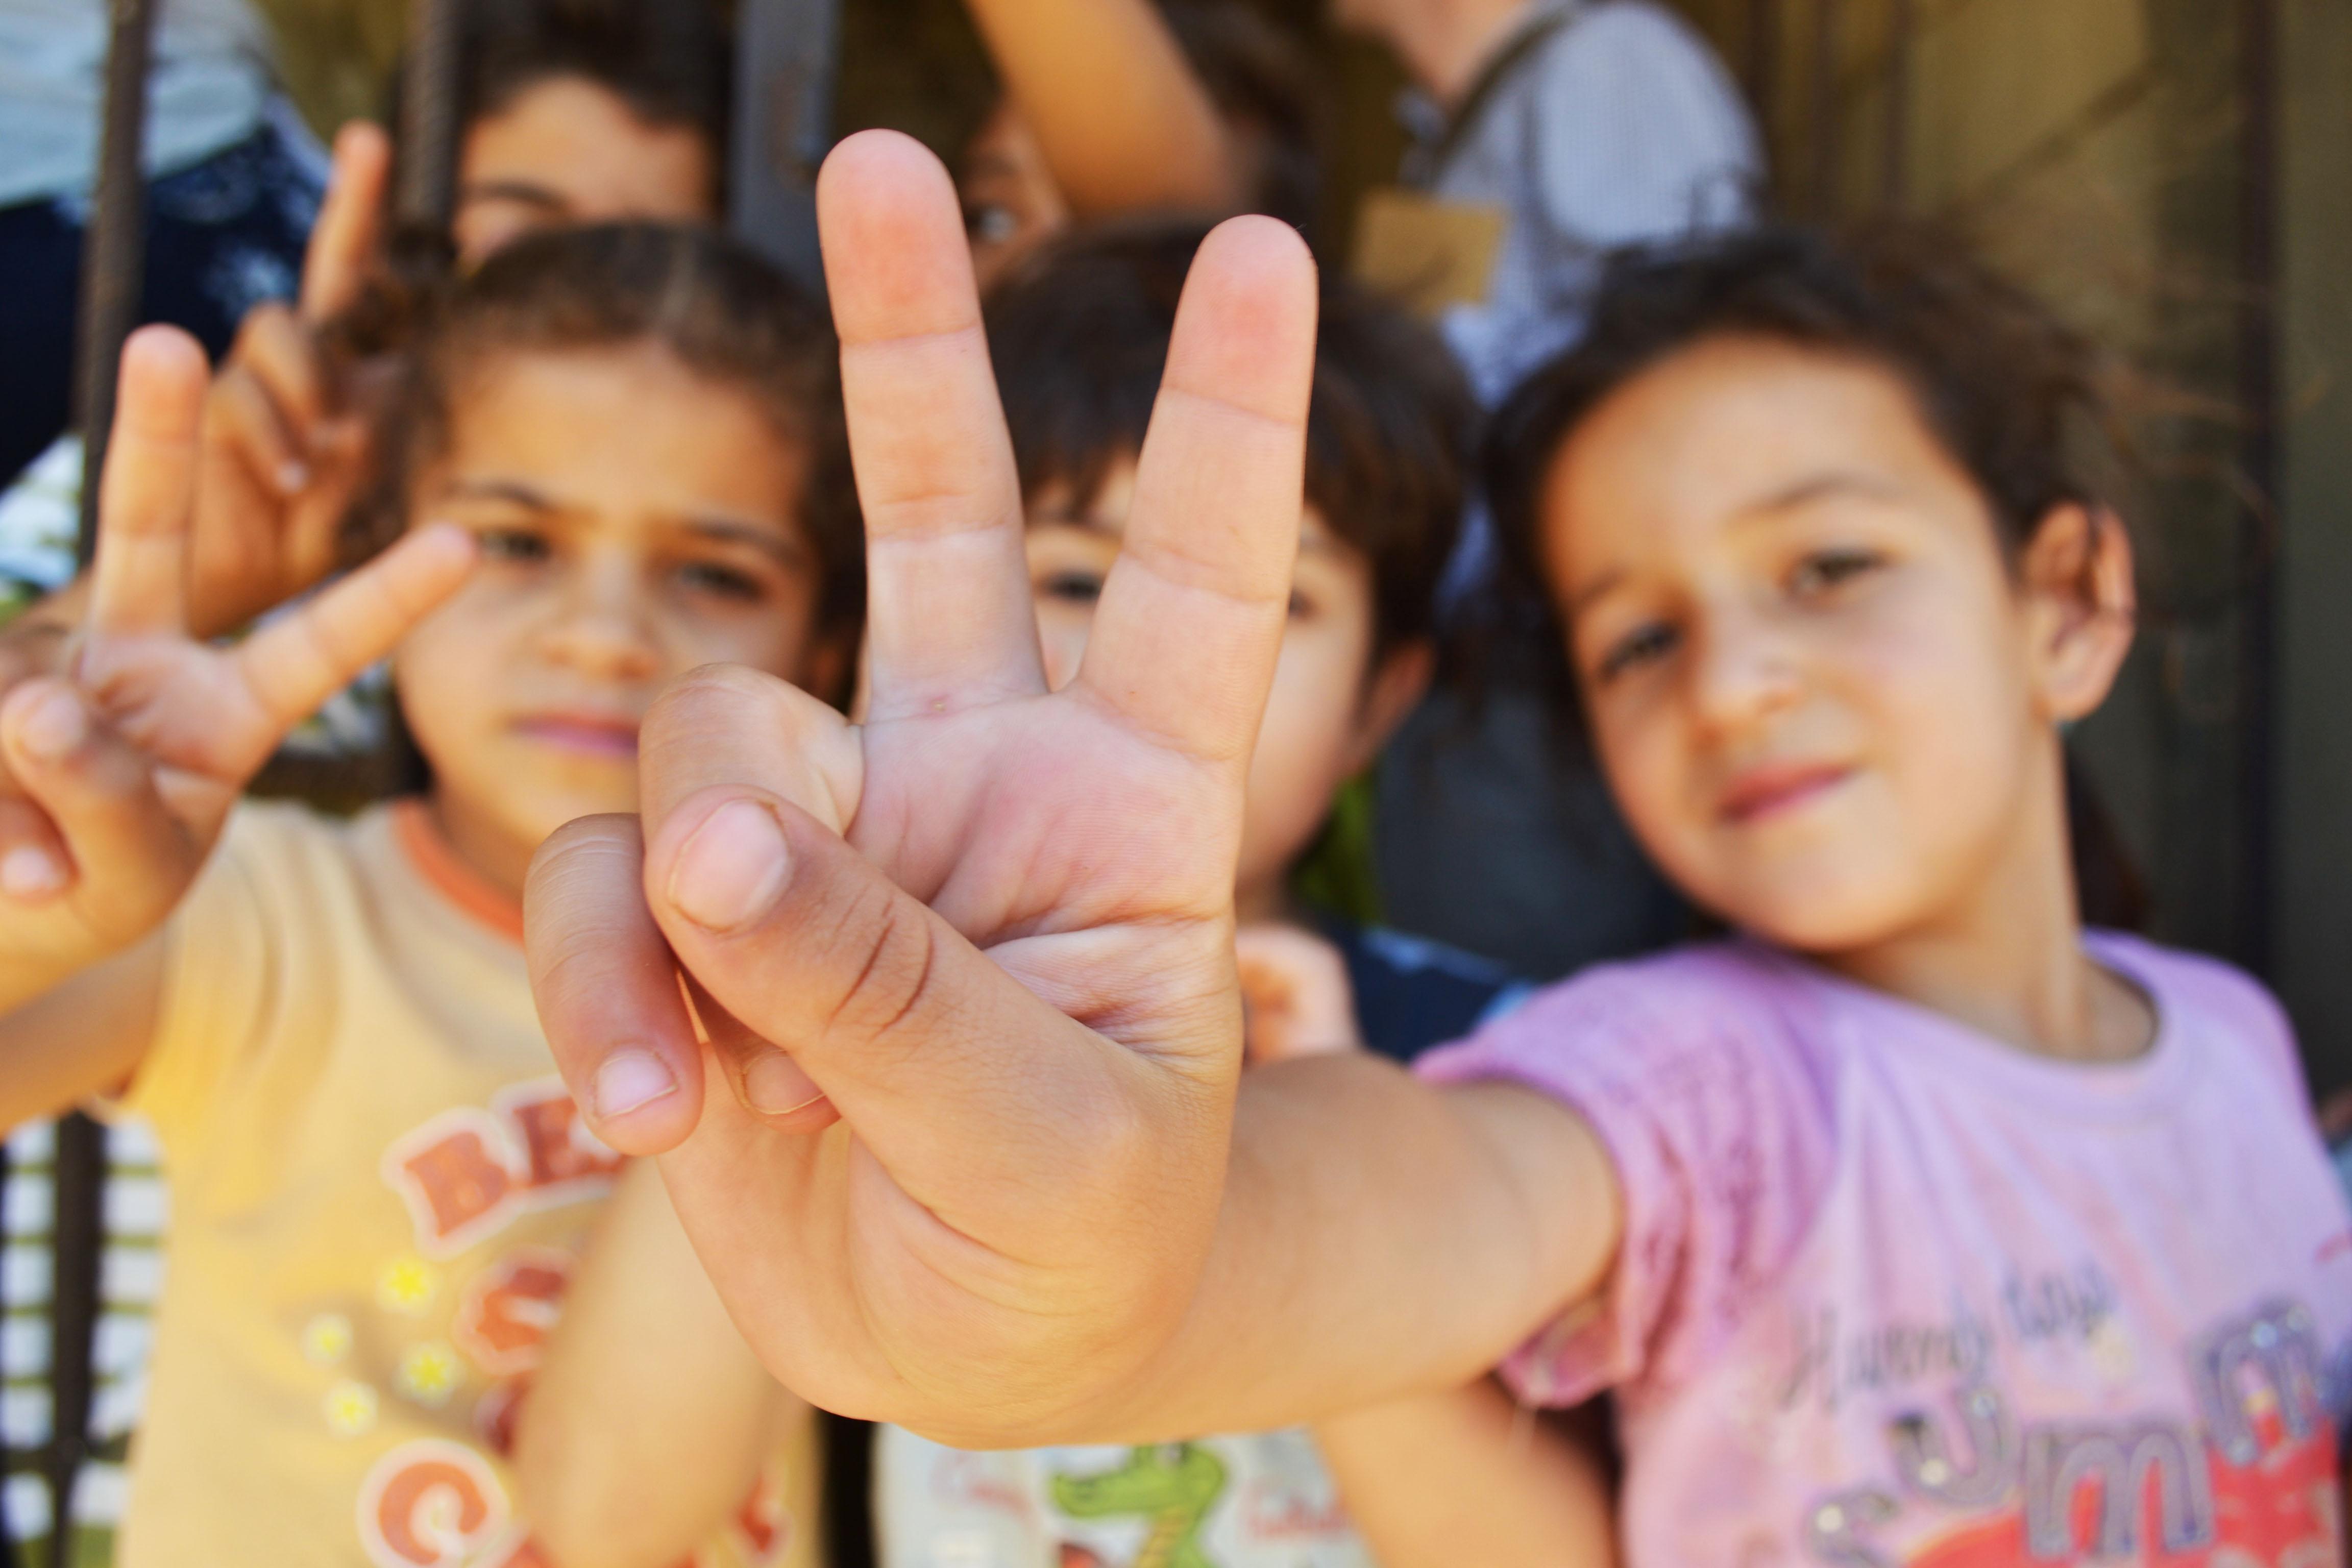 Il Libano costringe le famiglie siriane alla scelta, essere senzatetto o accettare il lavoro minorile